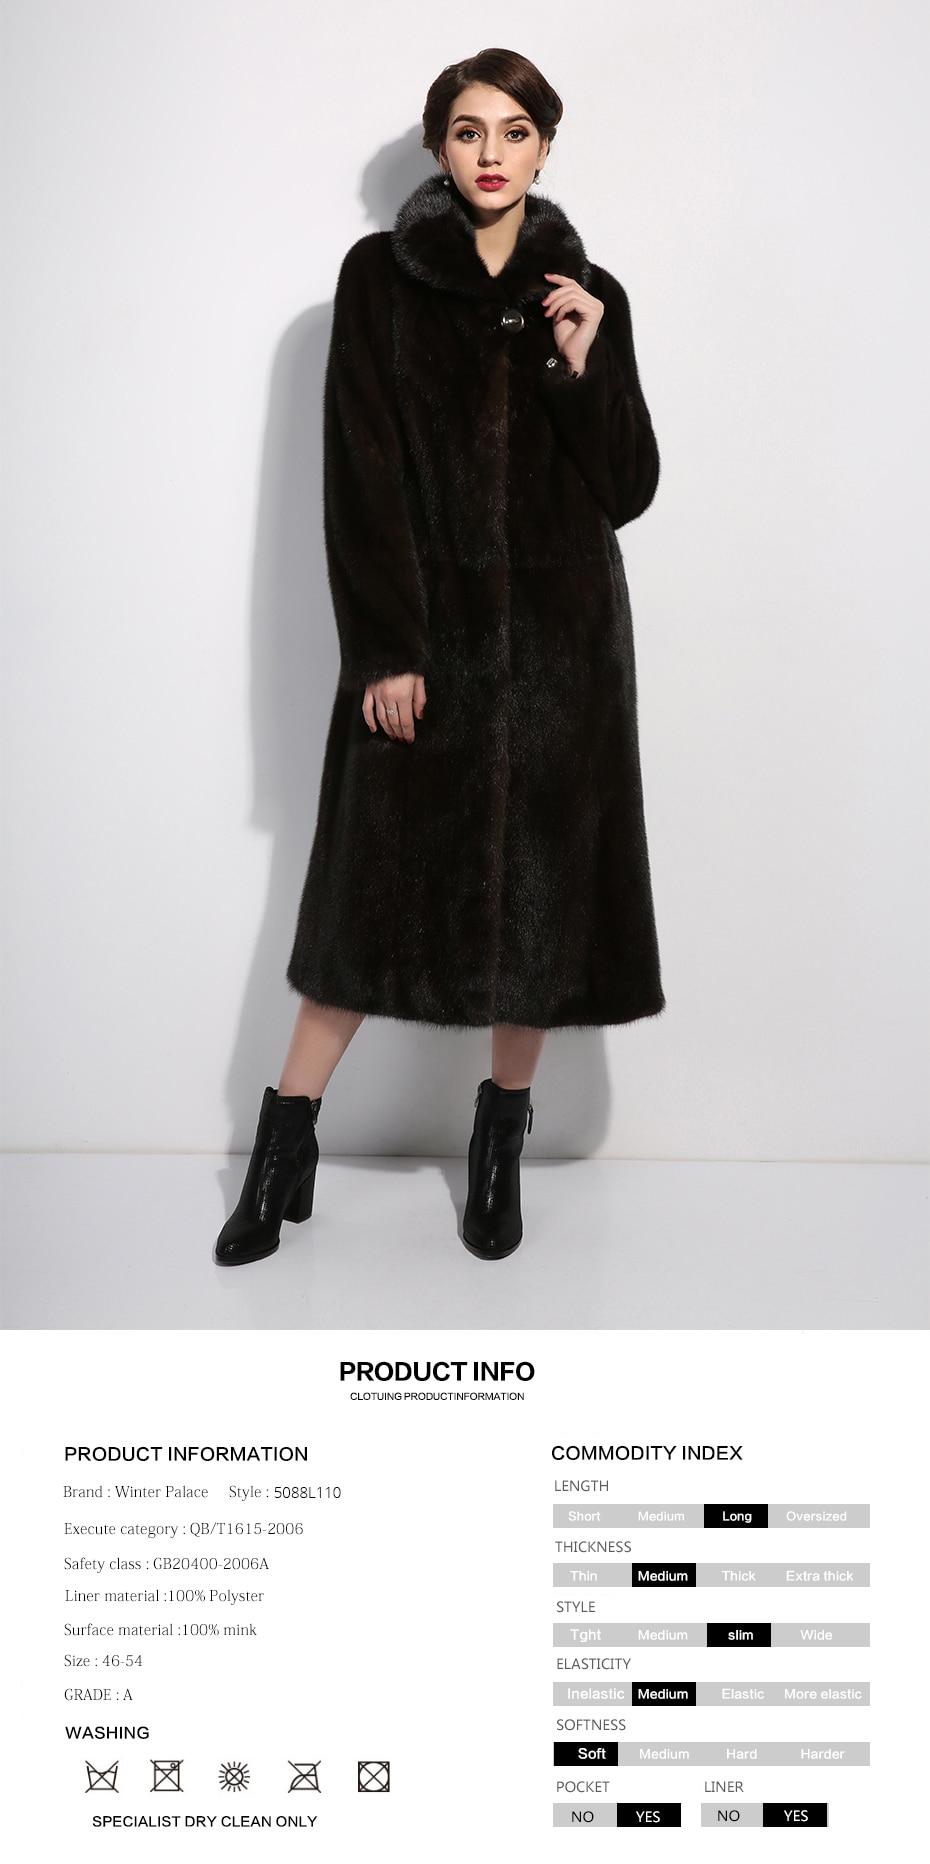 03c94fcd480 ... coat. Material Fur   Mink Fur. HTB1h00OQFXXXXXWaXXXq6xXFXXXP.  HTB1ah0UQFXXXXbrXVXXq6xXFXXXk